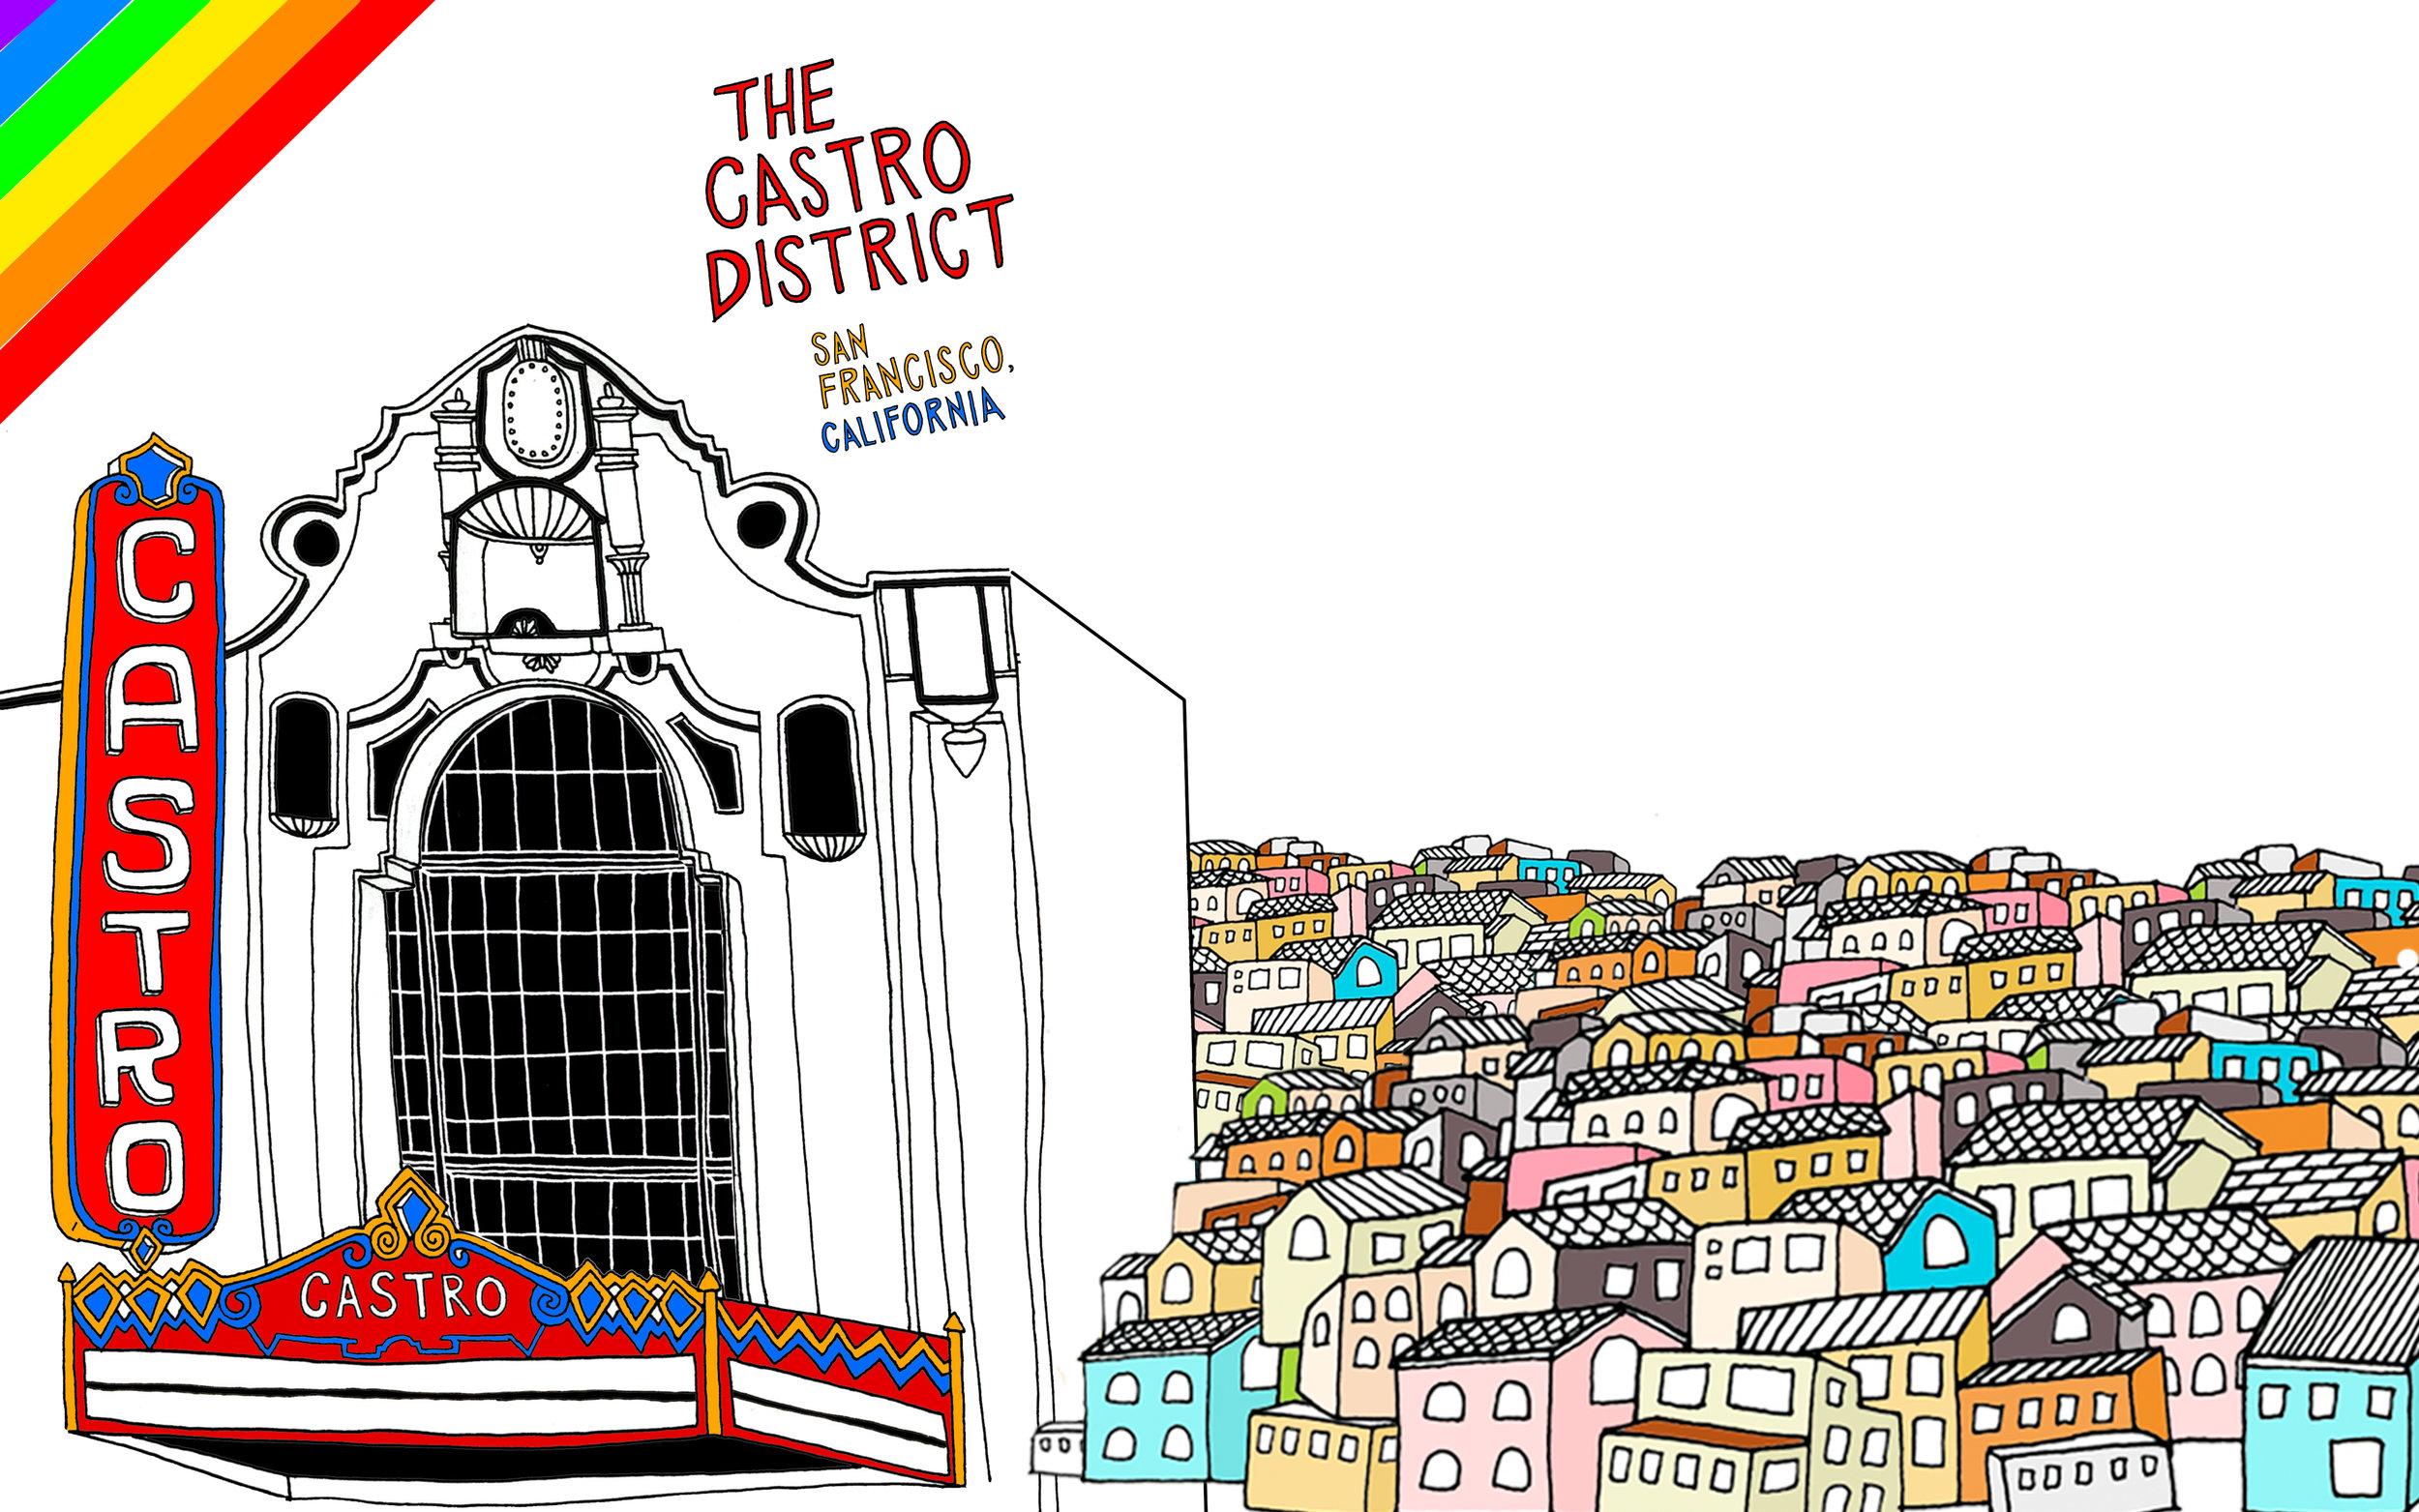 40_Castro with city.jpg